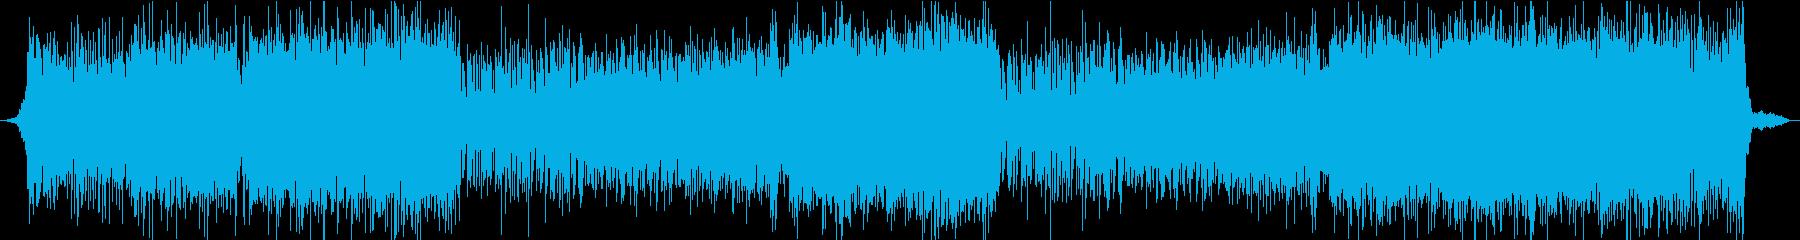 アップテンポで和風な沖縄風味の曲の再生済みの波形